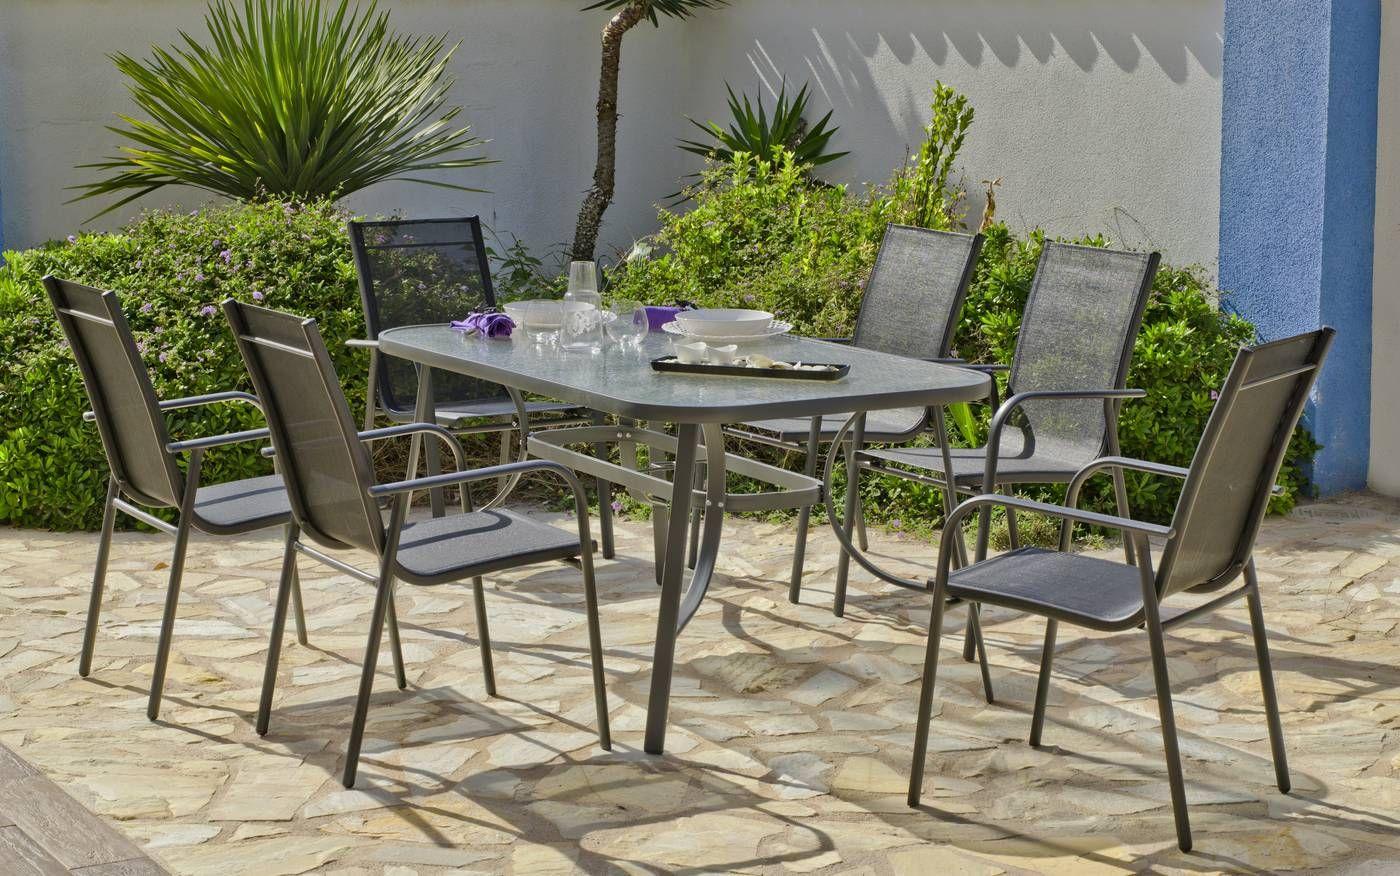 Comedor jardin Teluro 150 de Hevea Jardin  JARDINTER Mobiliario Interior Jardn y Terraza  Jardines Comedores y Interiores